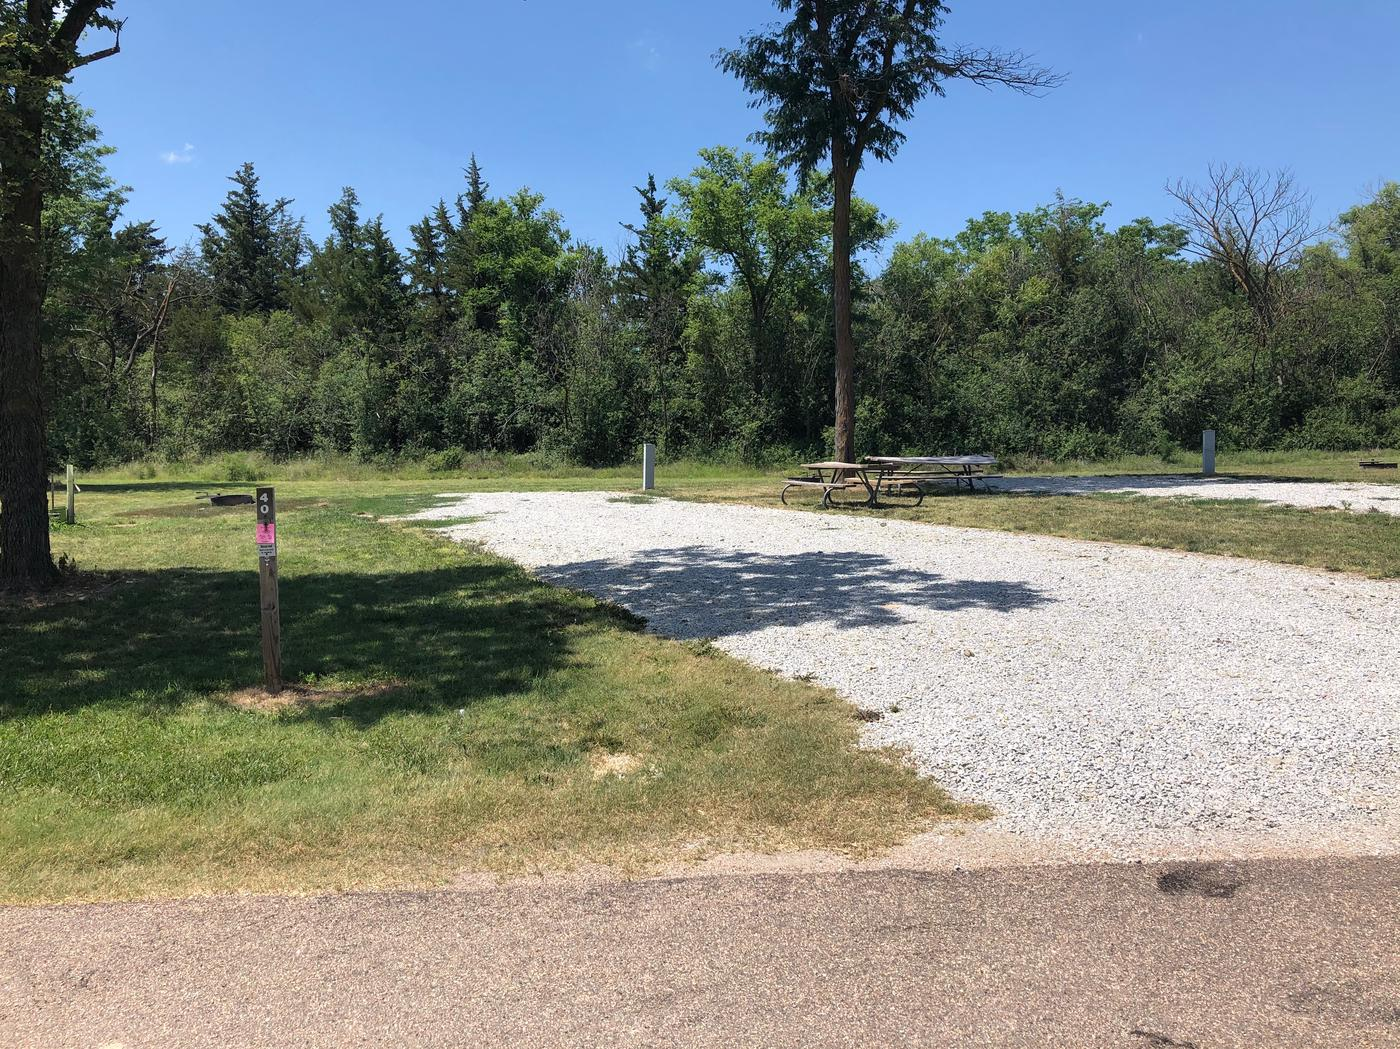 Campsite Site 40